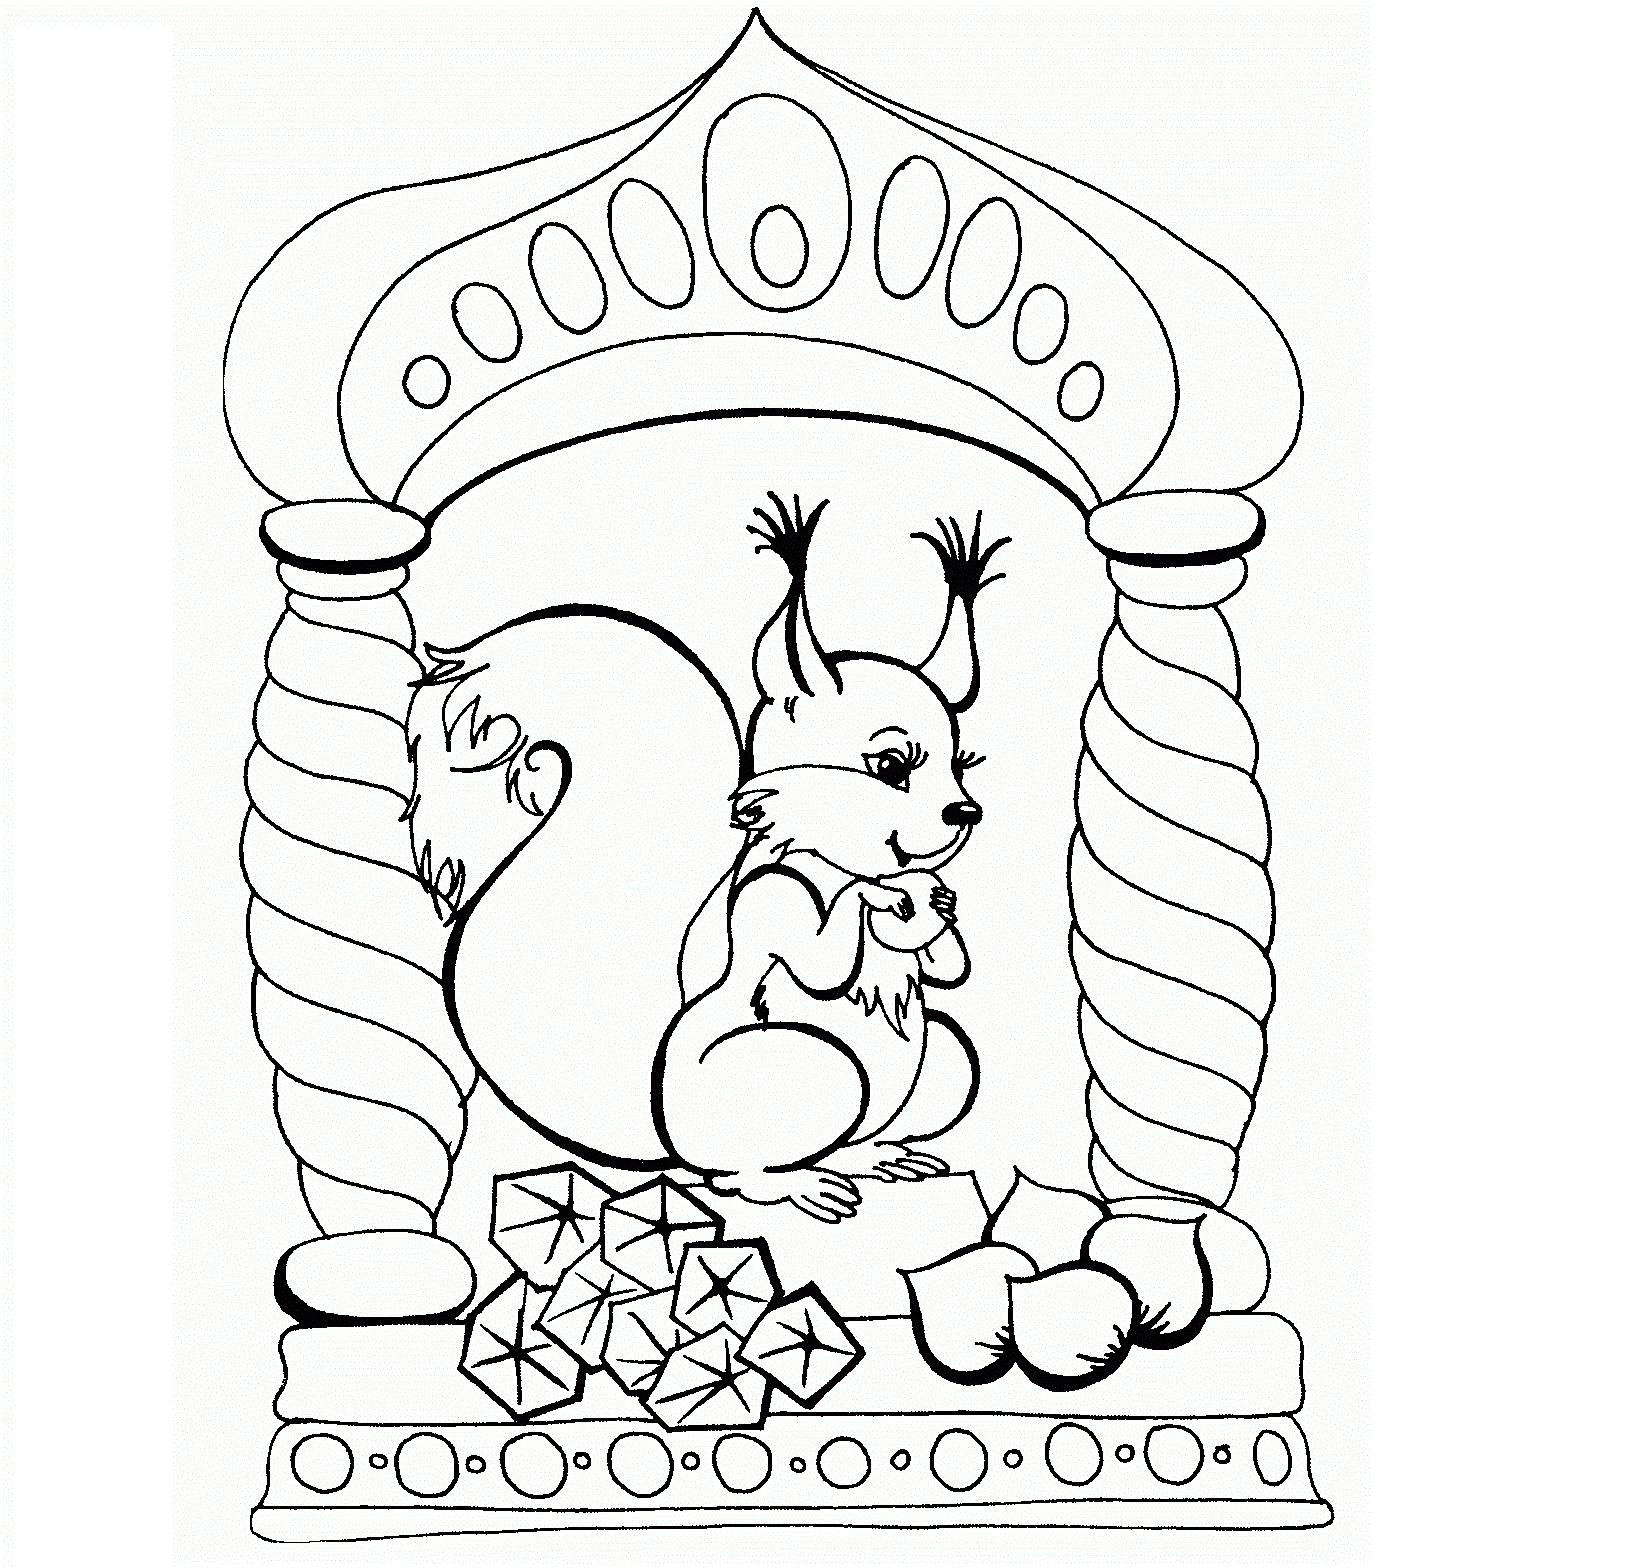 Раскраска белочка из сказки Пушкина на vipraskraski.ru